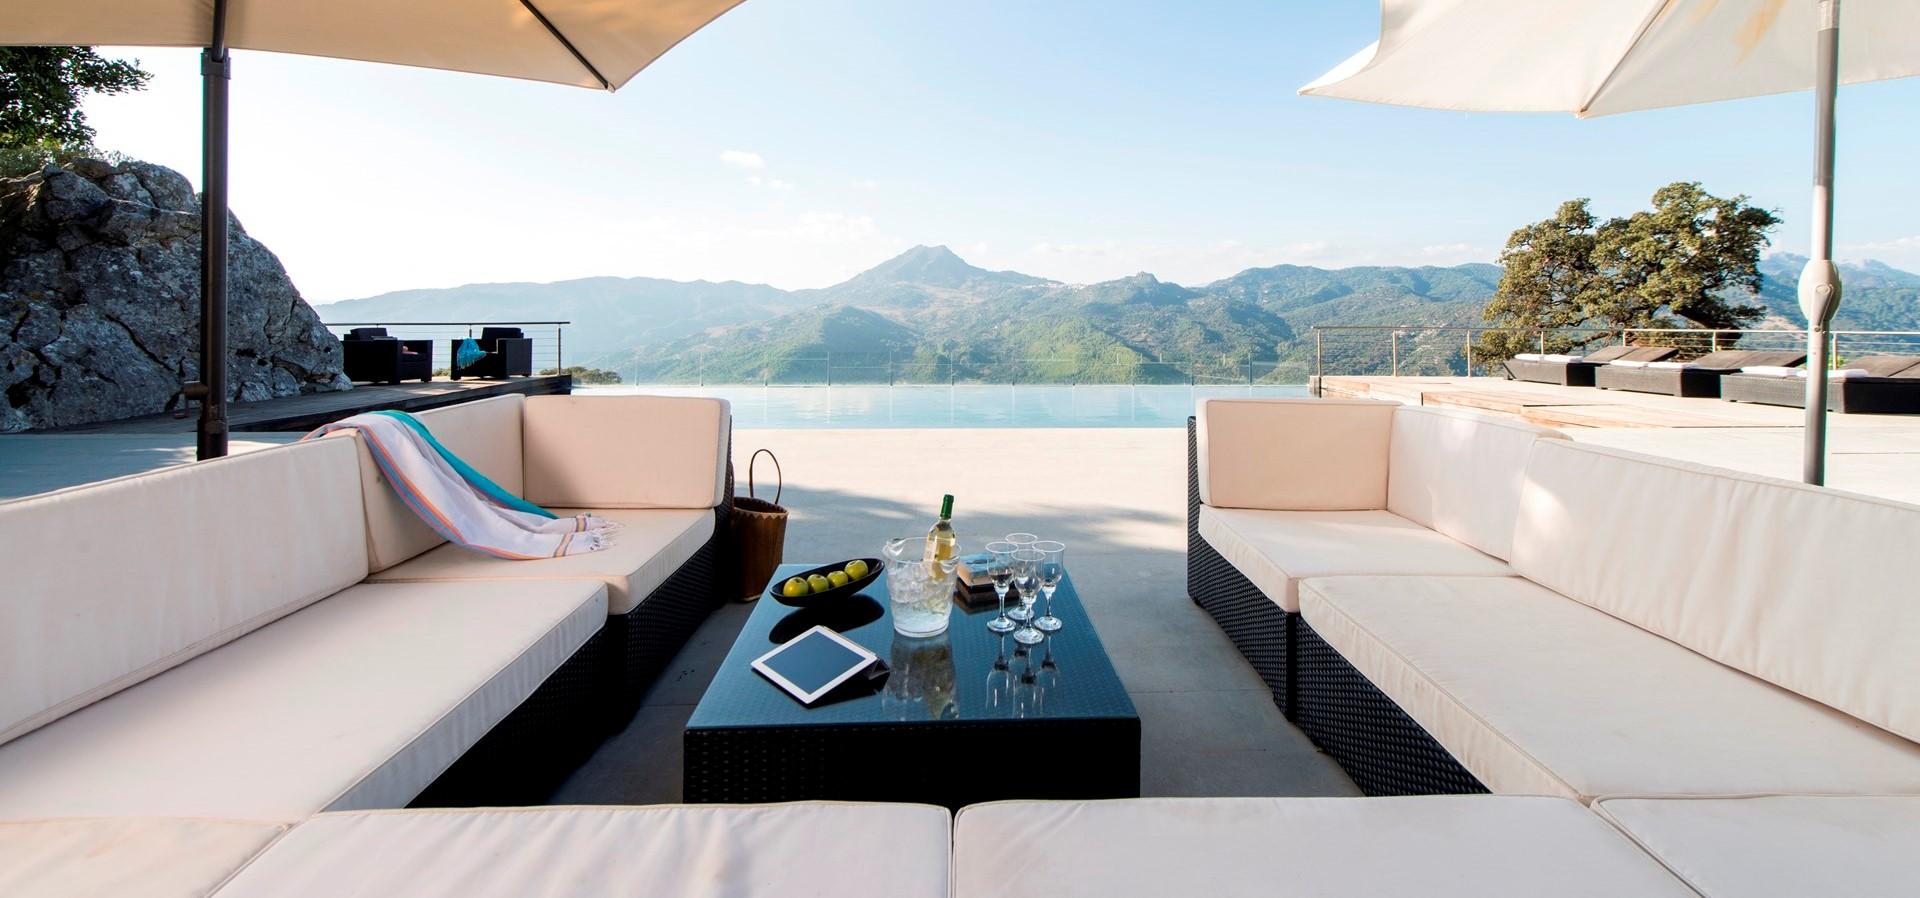 luxury-6-bed-villa-gaucin